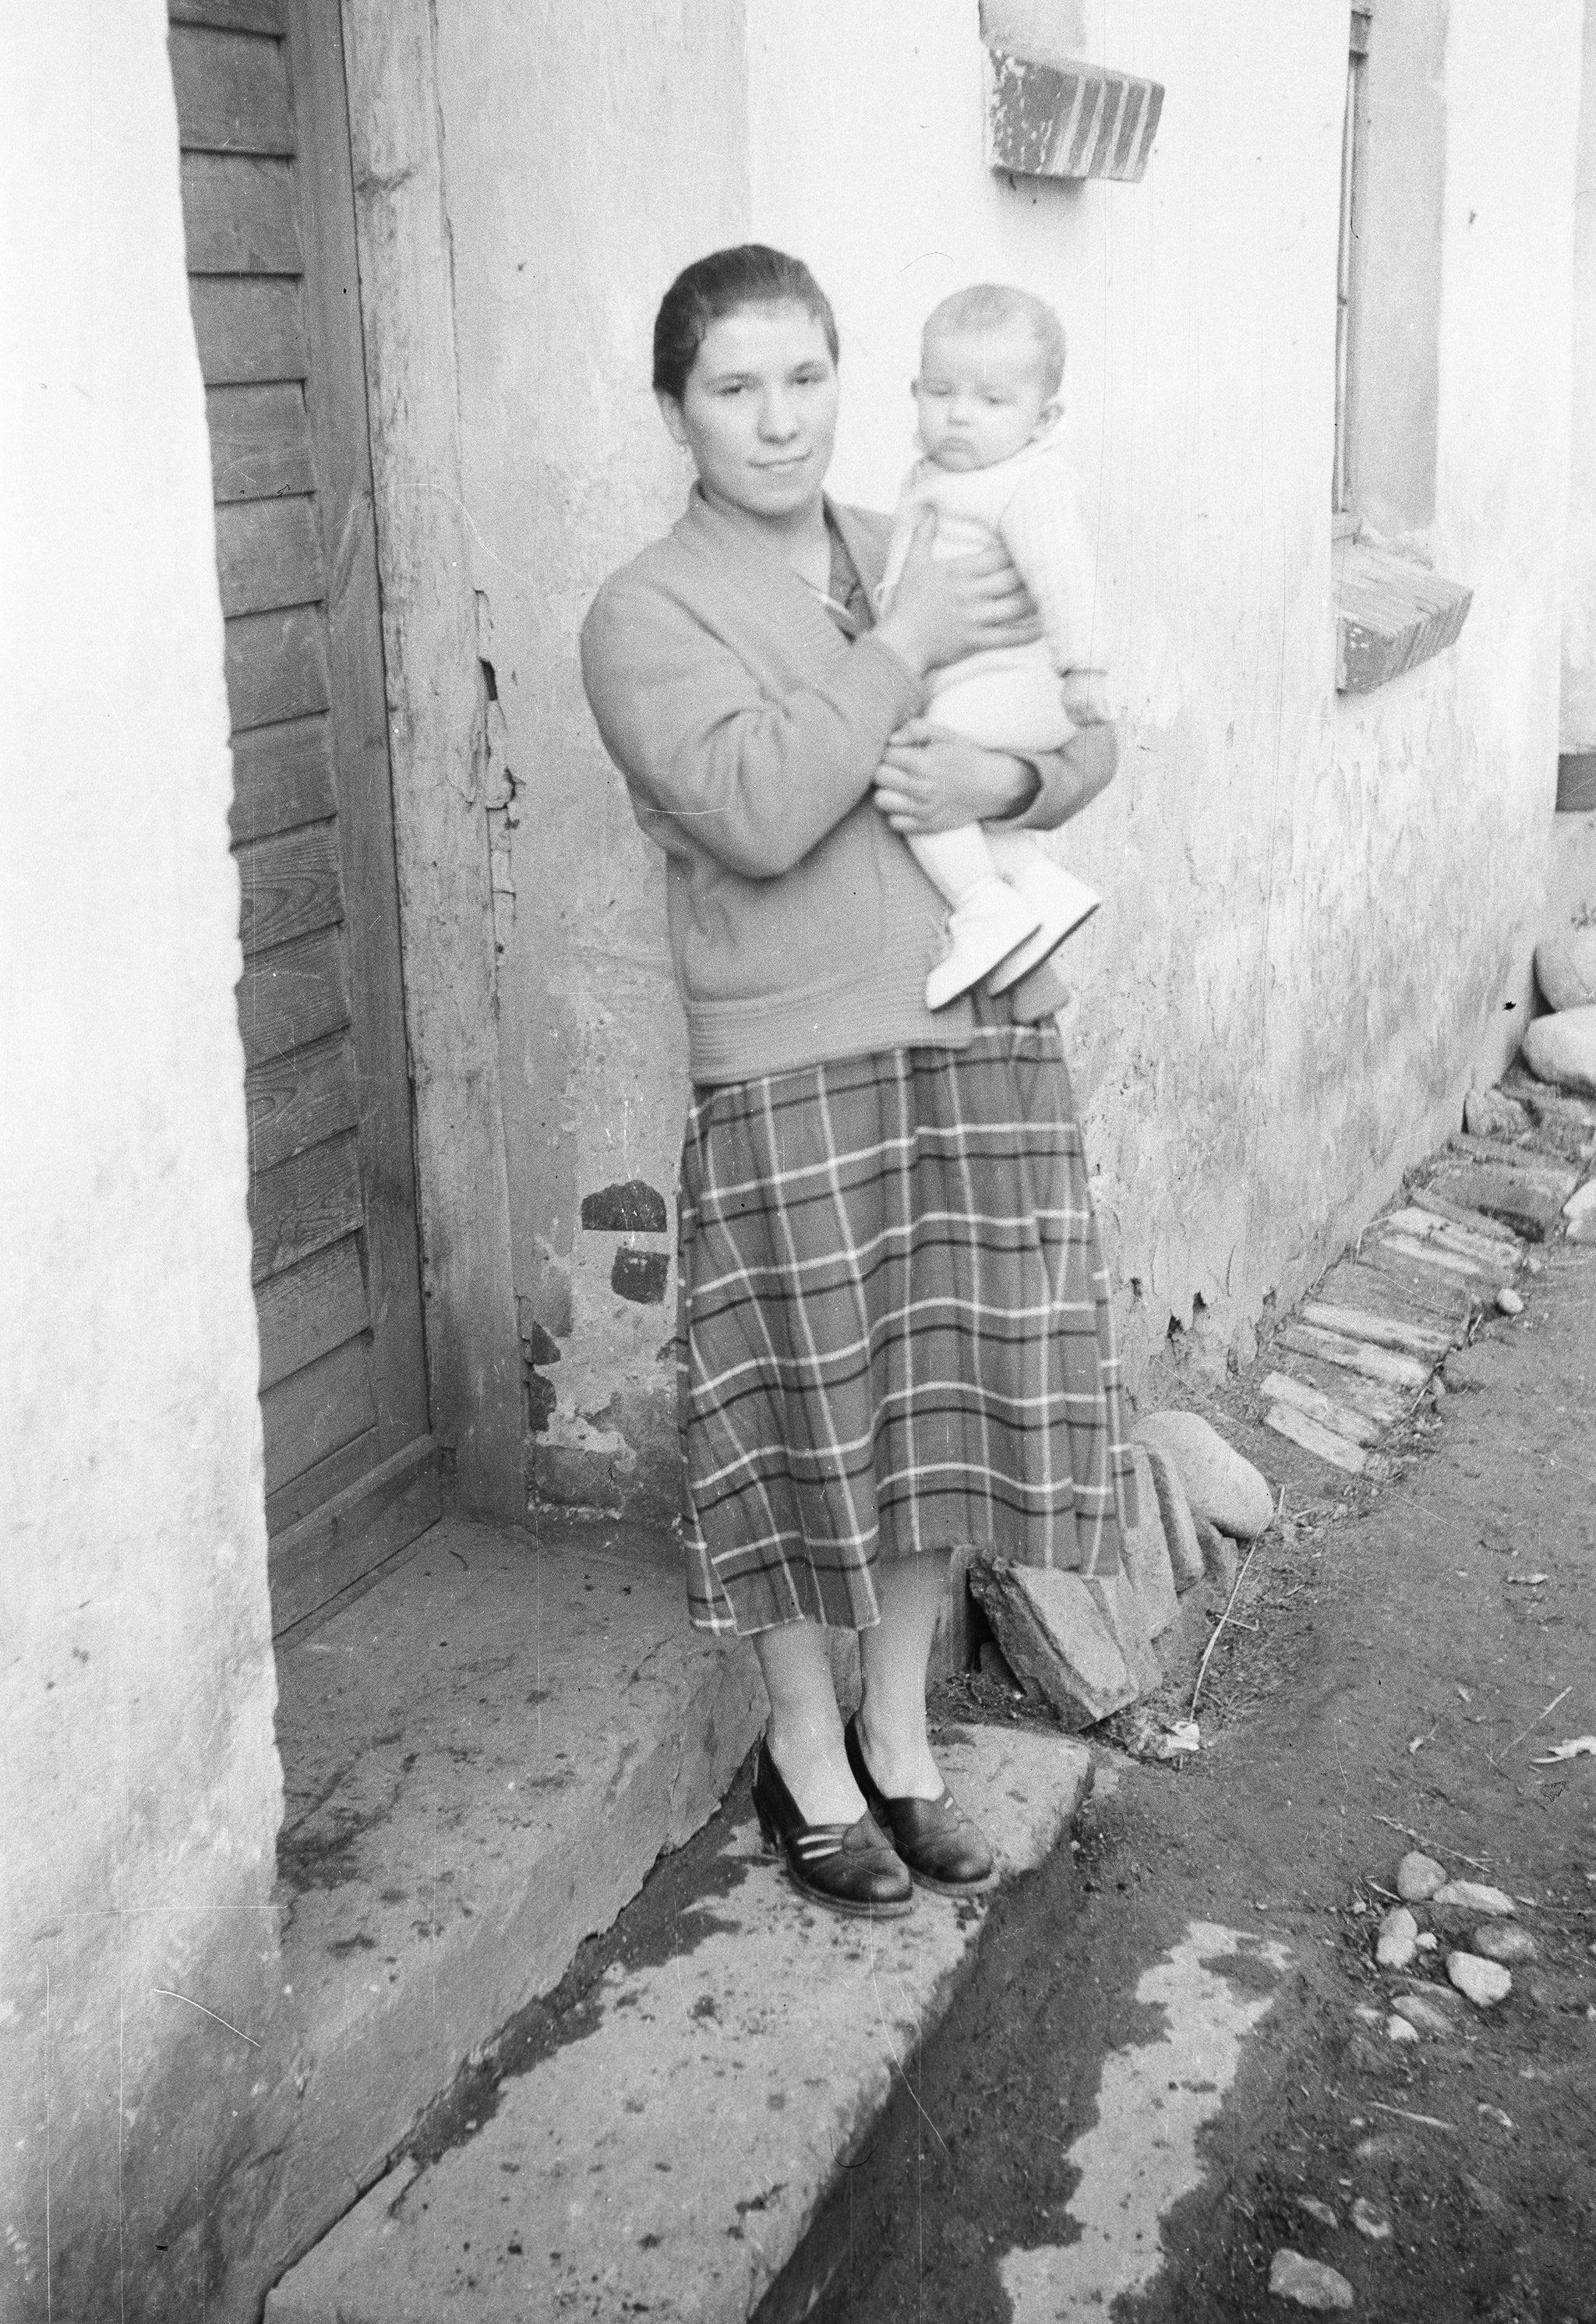 Maria Miklas z dzieckiem, Brzózka, Dolny Śląsk, lata 50. XX w.